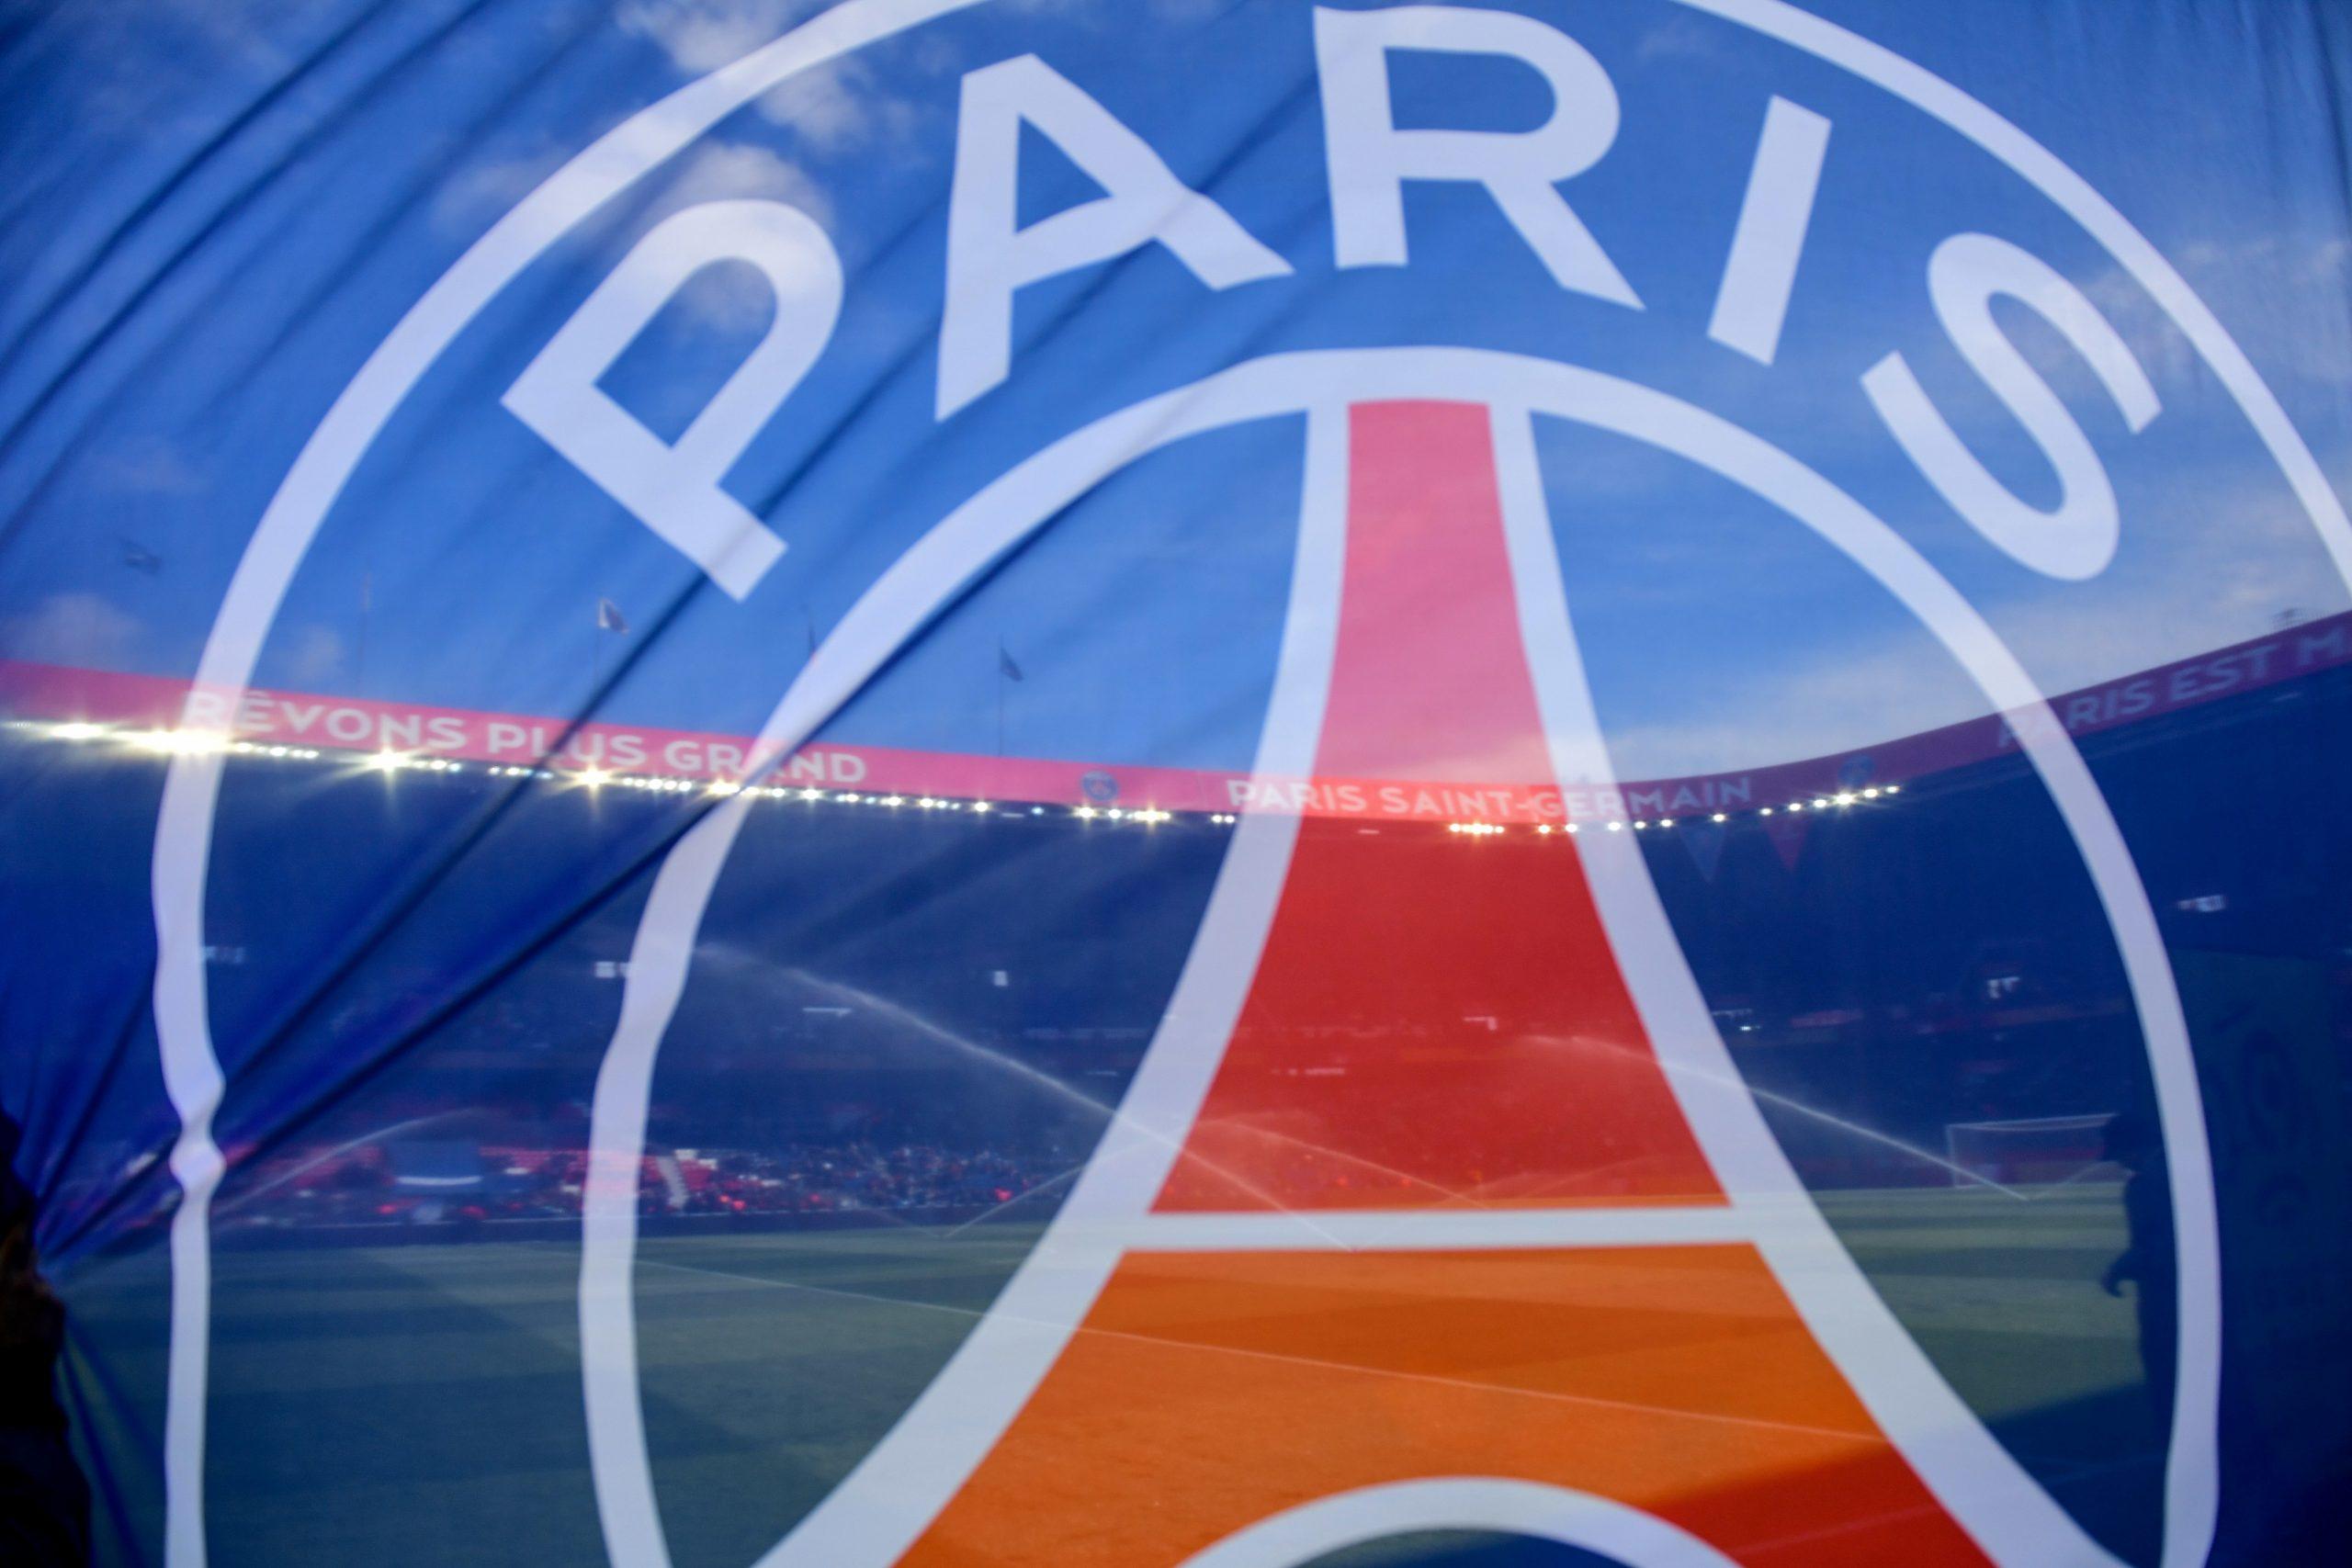 Le PSG compterait enchaîner les matchs amicaux «tous les 3 ou 4 jours» cet été